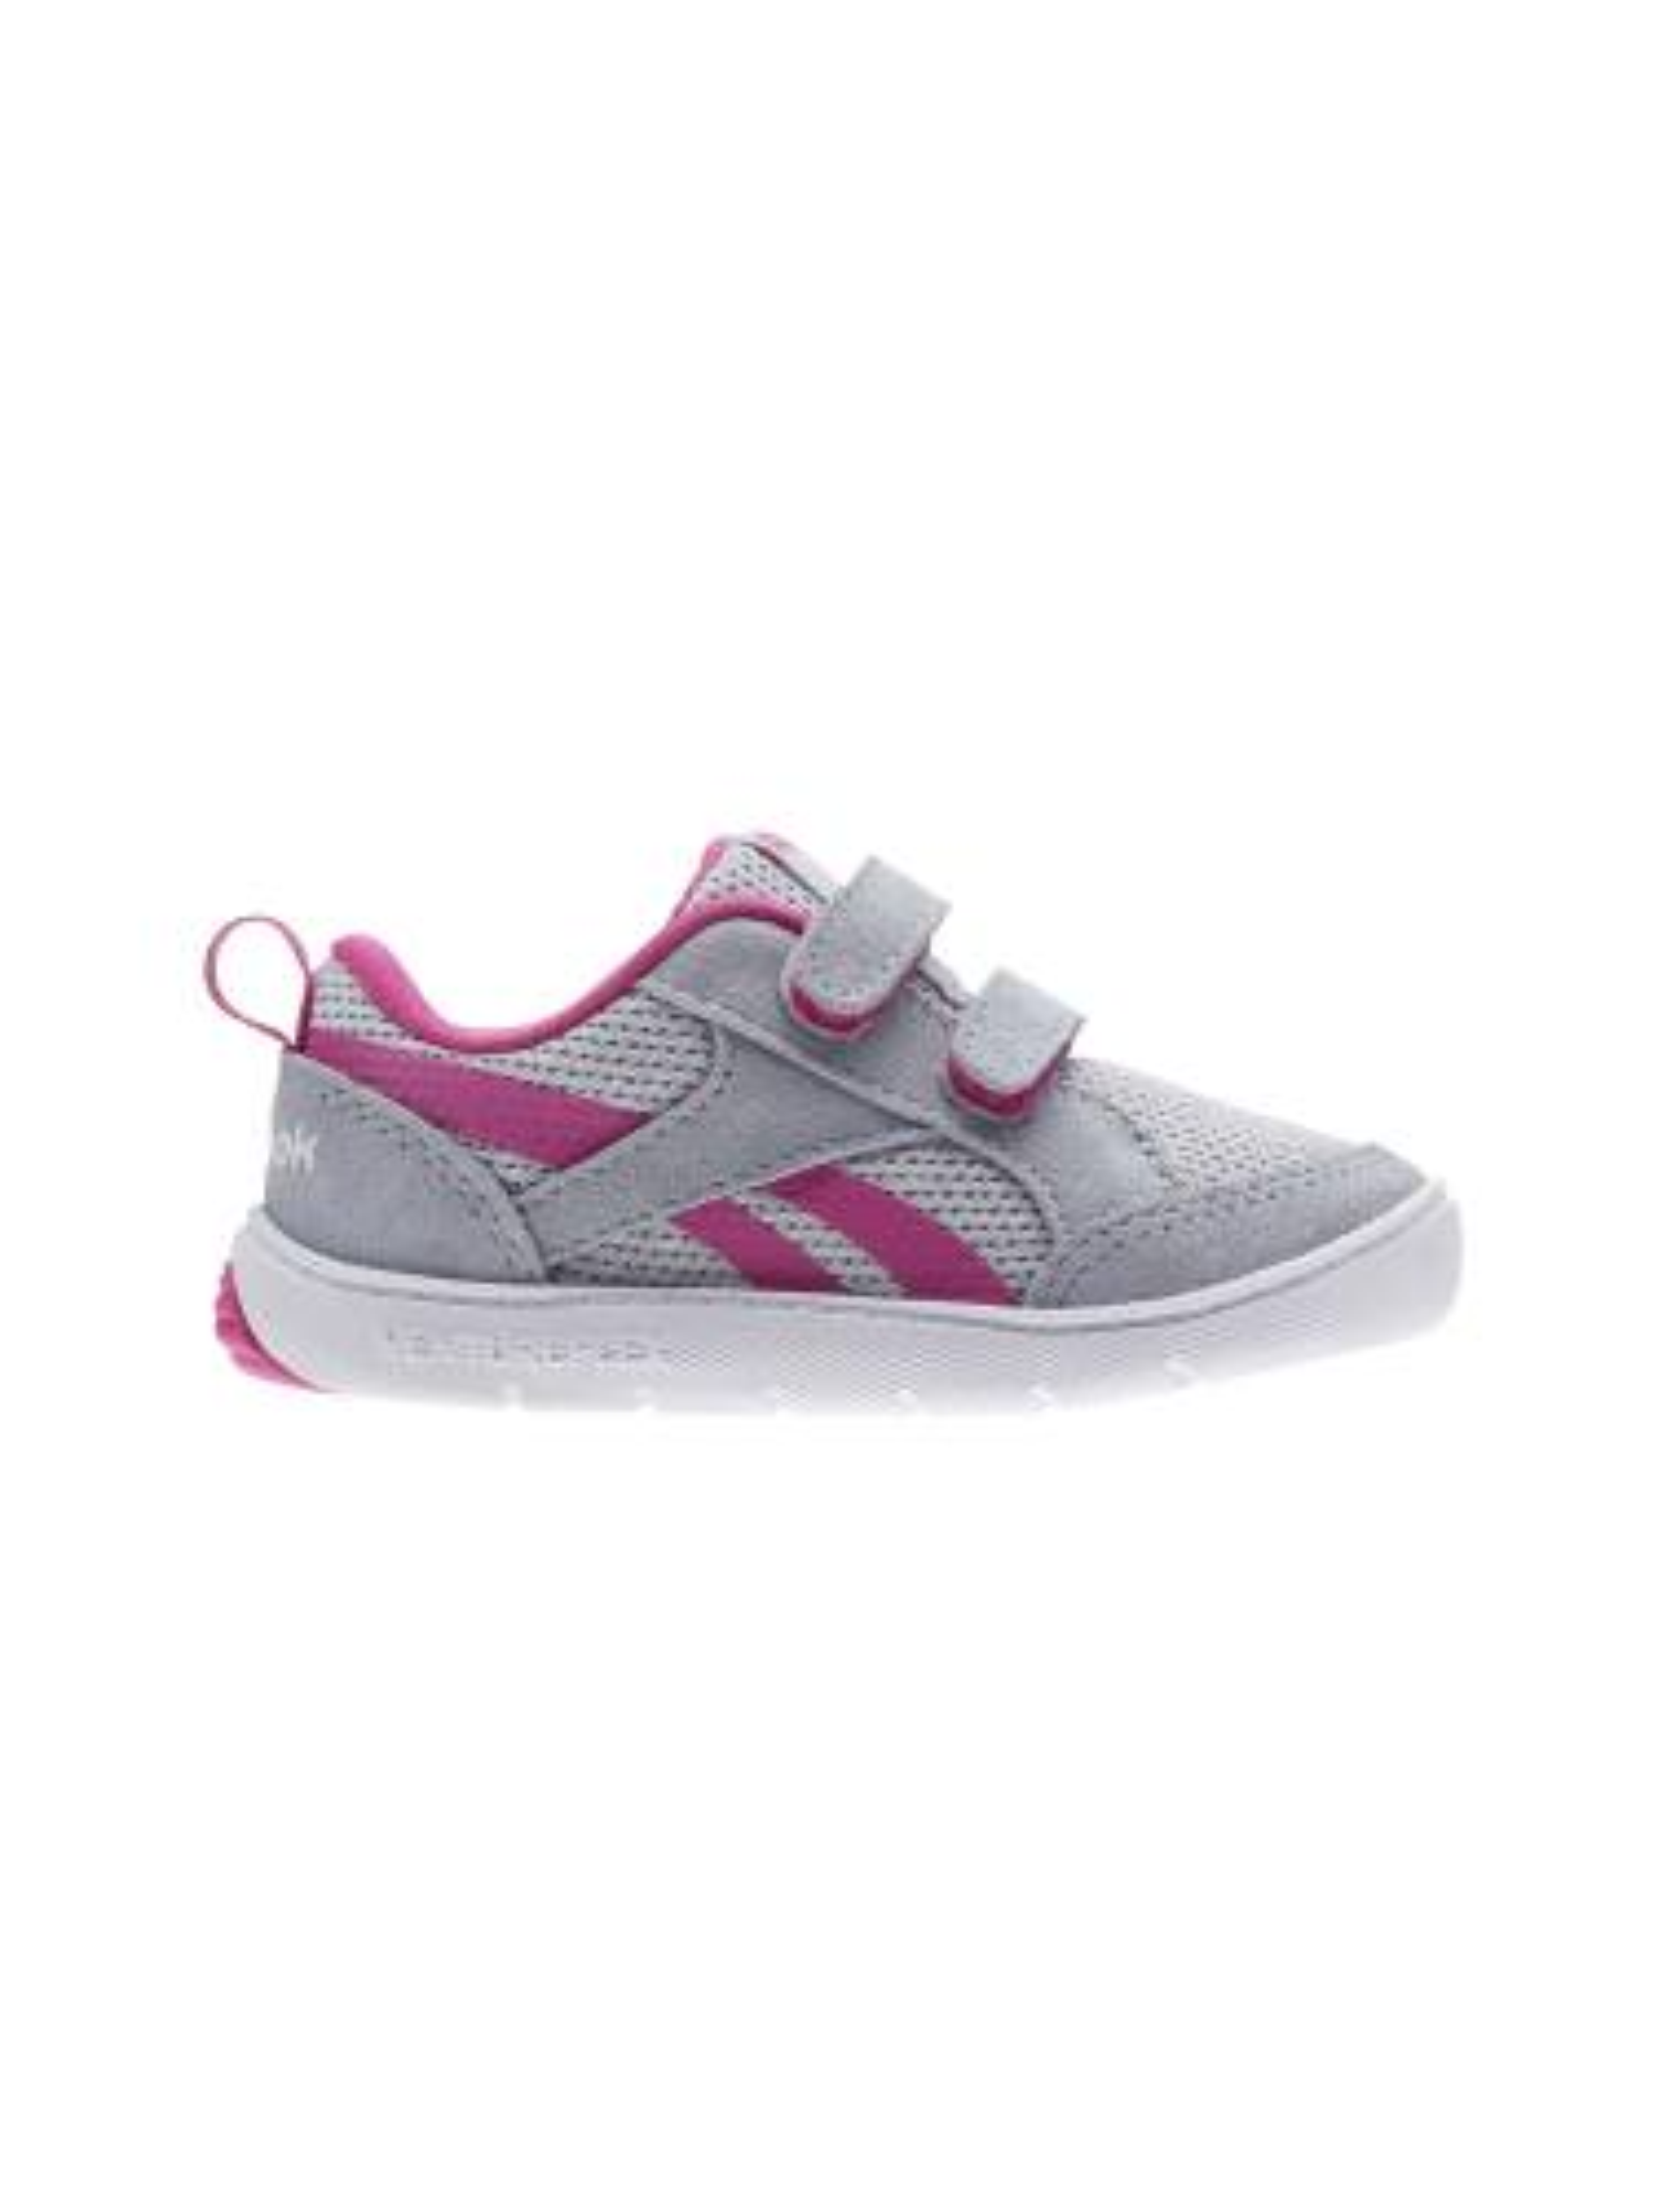 کفش پیاده روی چسبی نوزادی دخترانه Ventureflex Chase